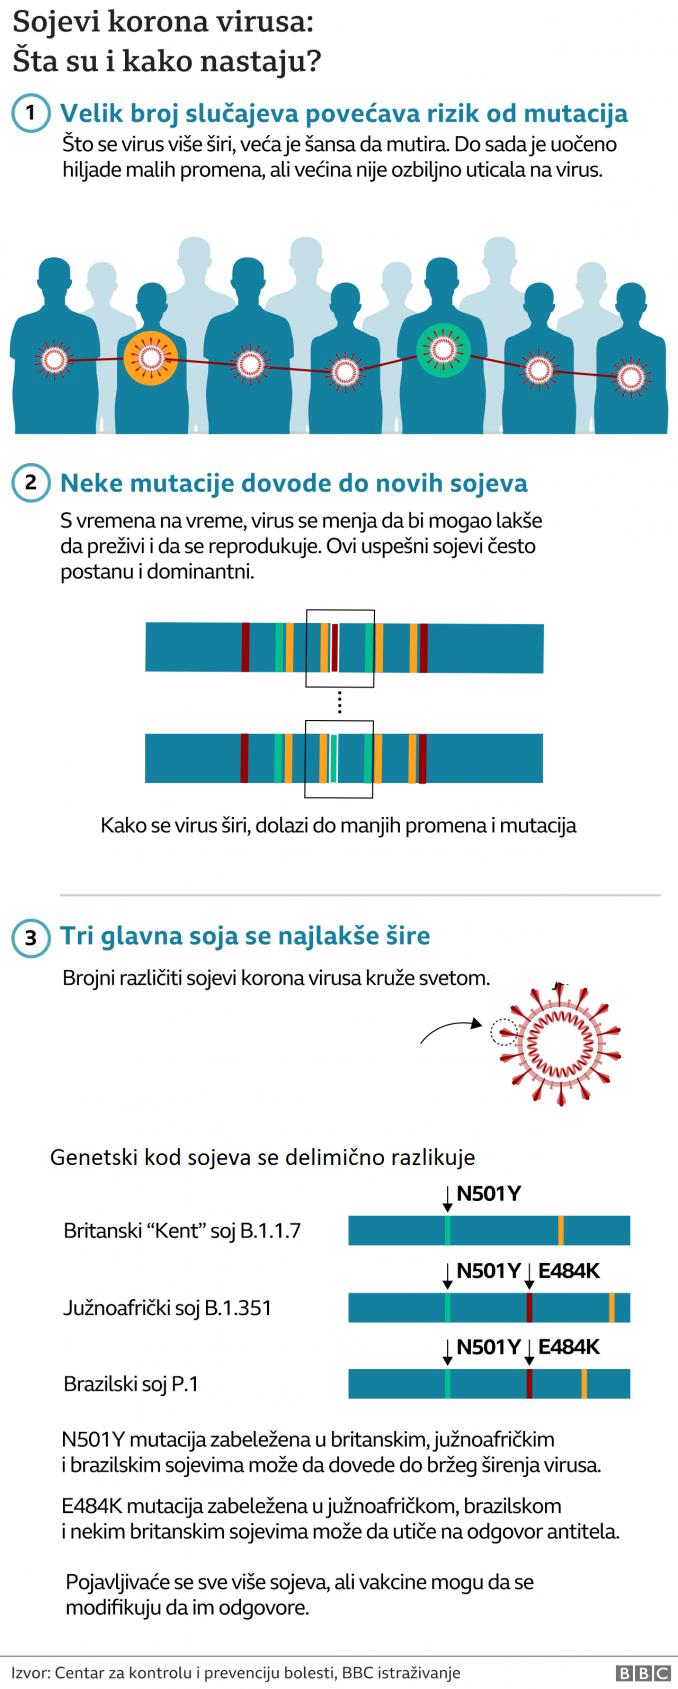 Korona virus: Bolnice u Srbiji se pune, Krizni štab danas o merama, brazilski soj virusa u Britaniji 5